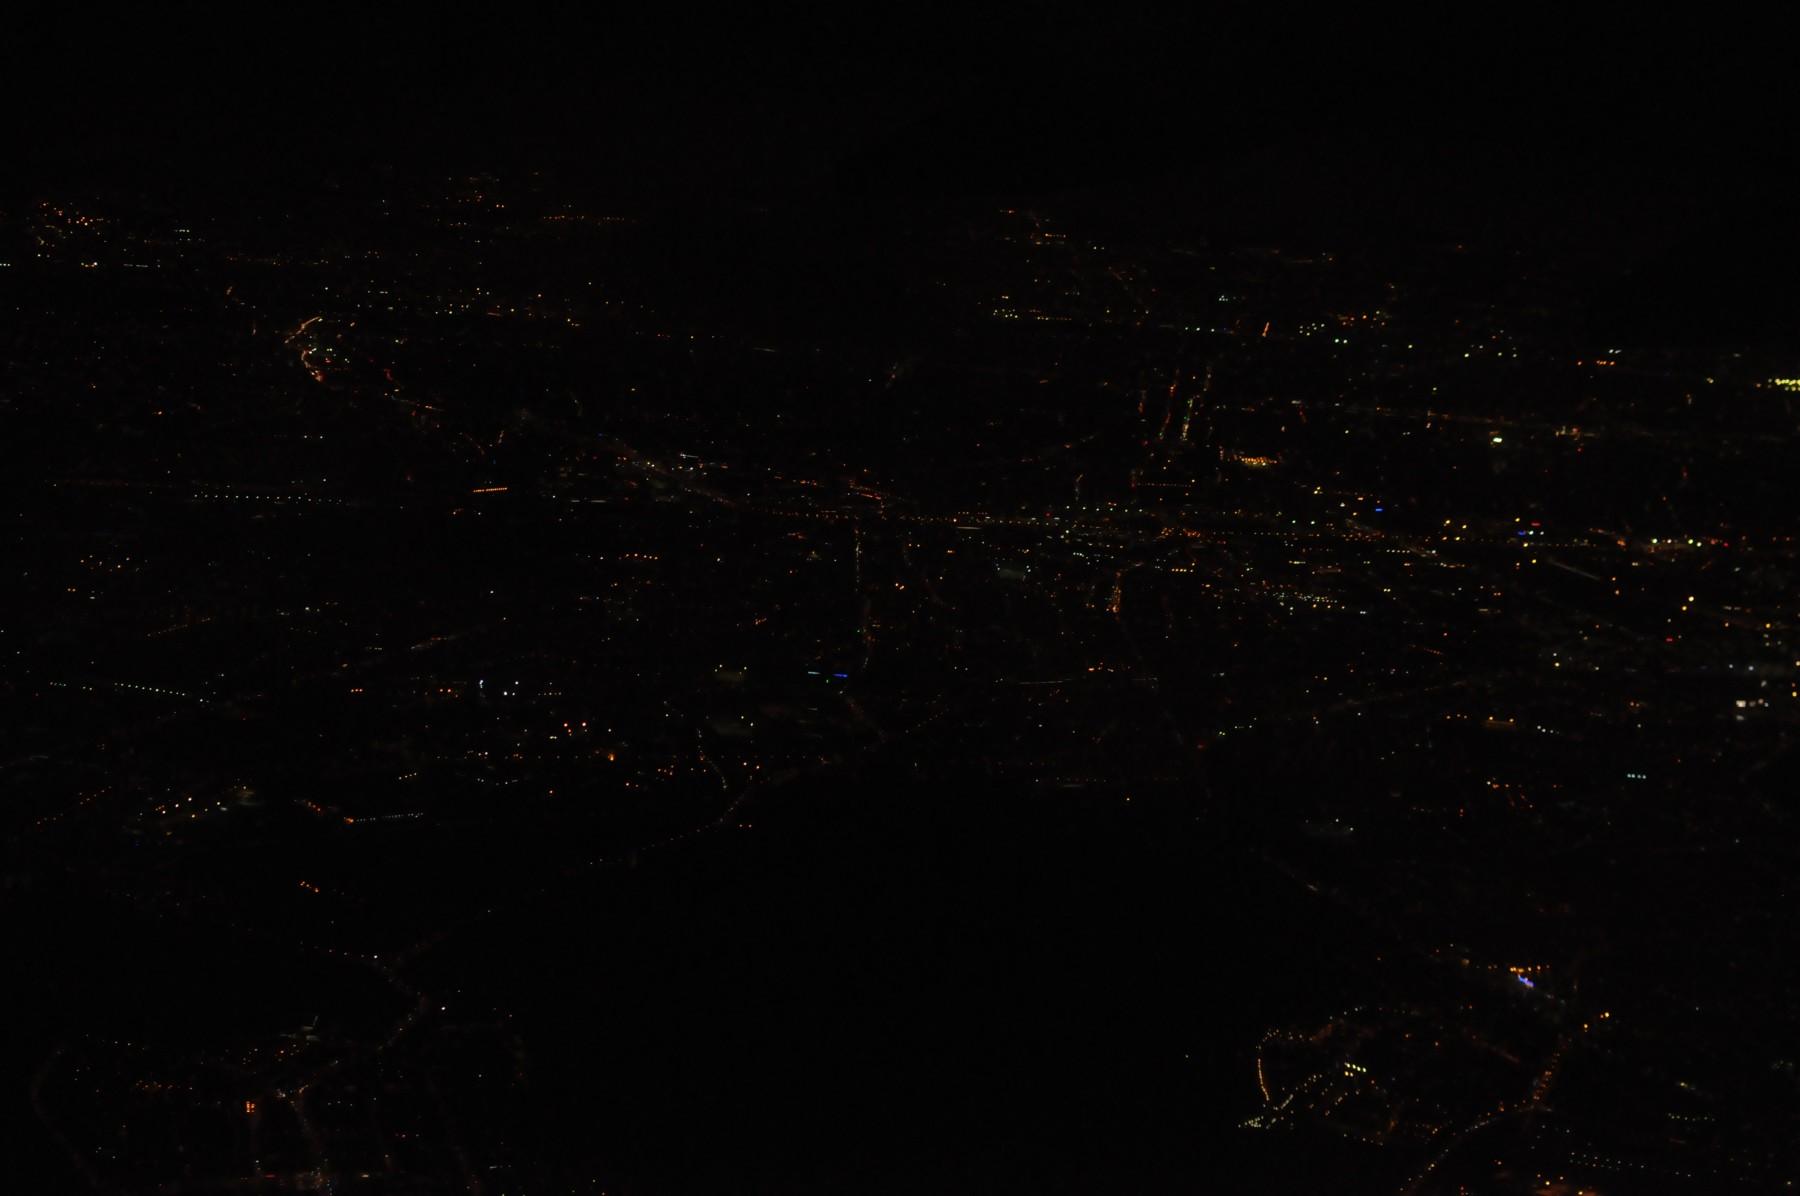 エールフランス航空7708便 パリ(ドゴール)→ニース 搭乗記